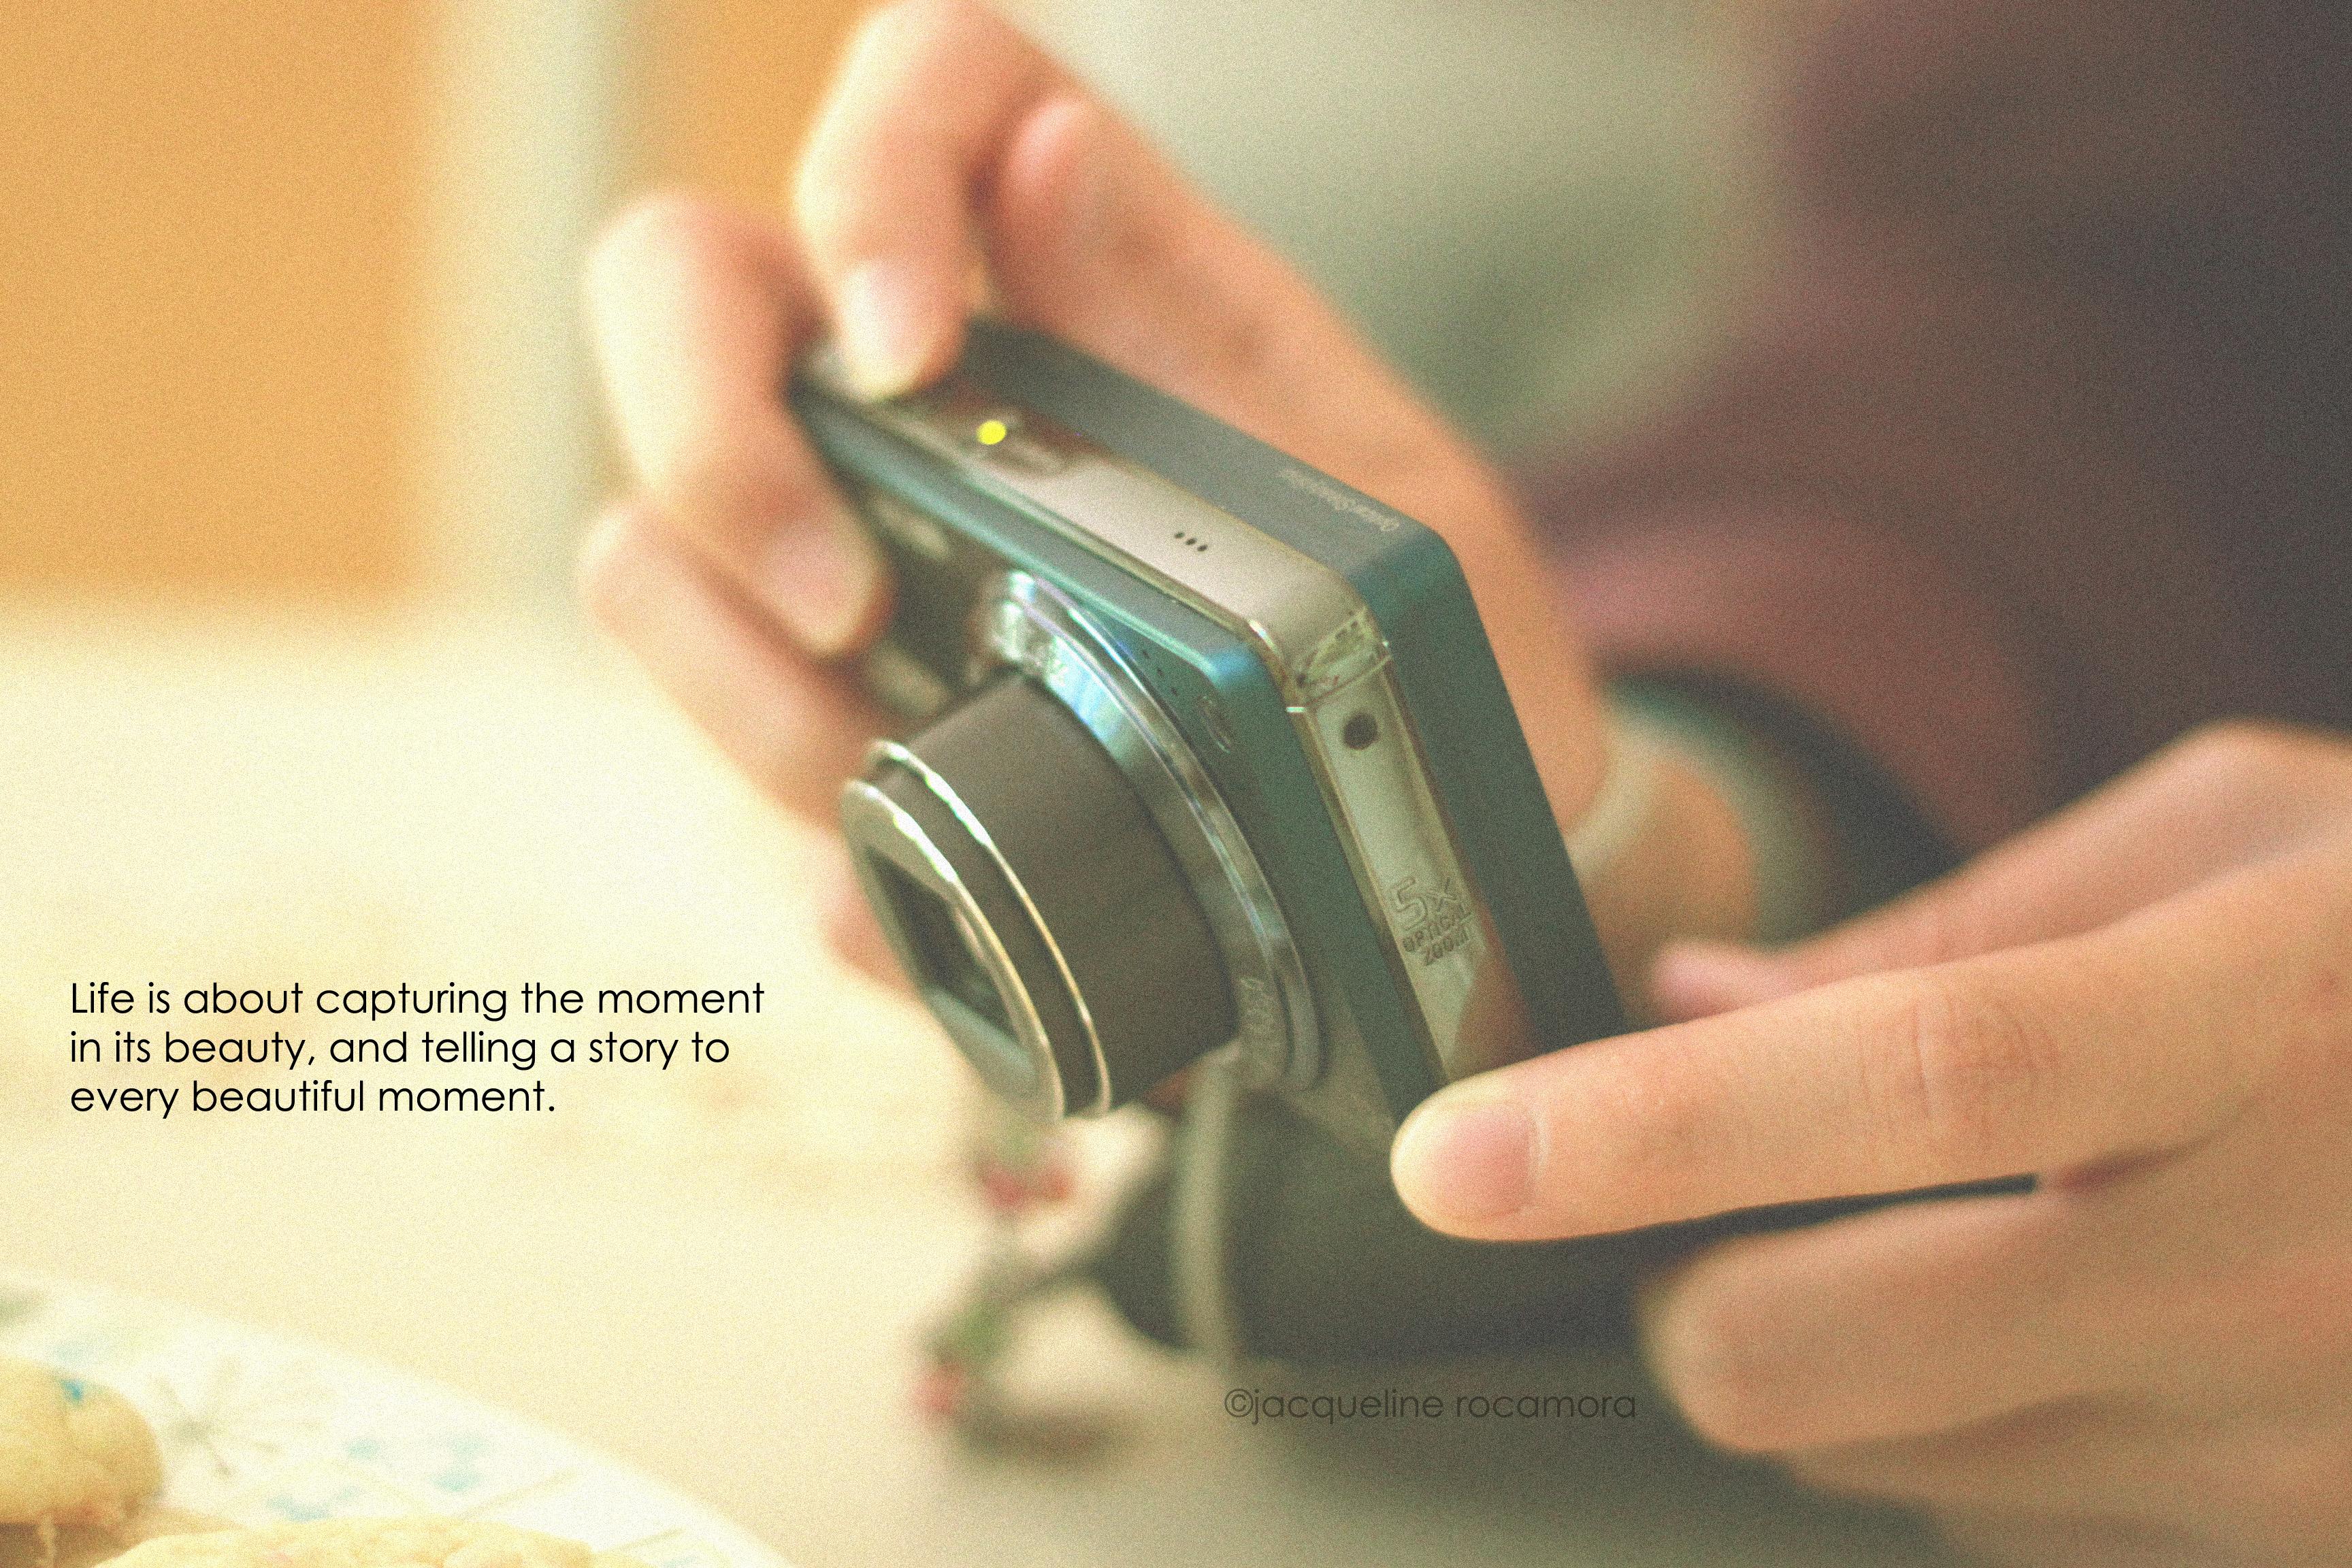 цитаты про талантливых фотографов энтеровирусный